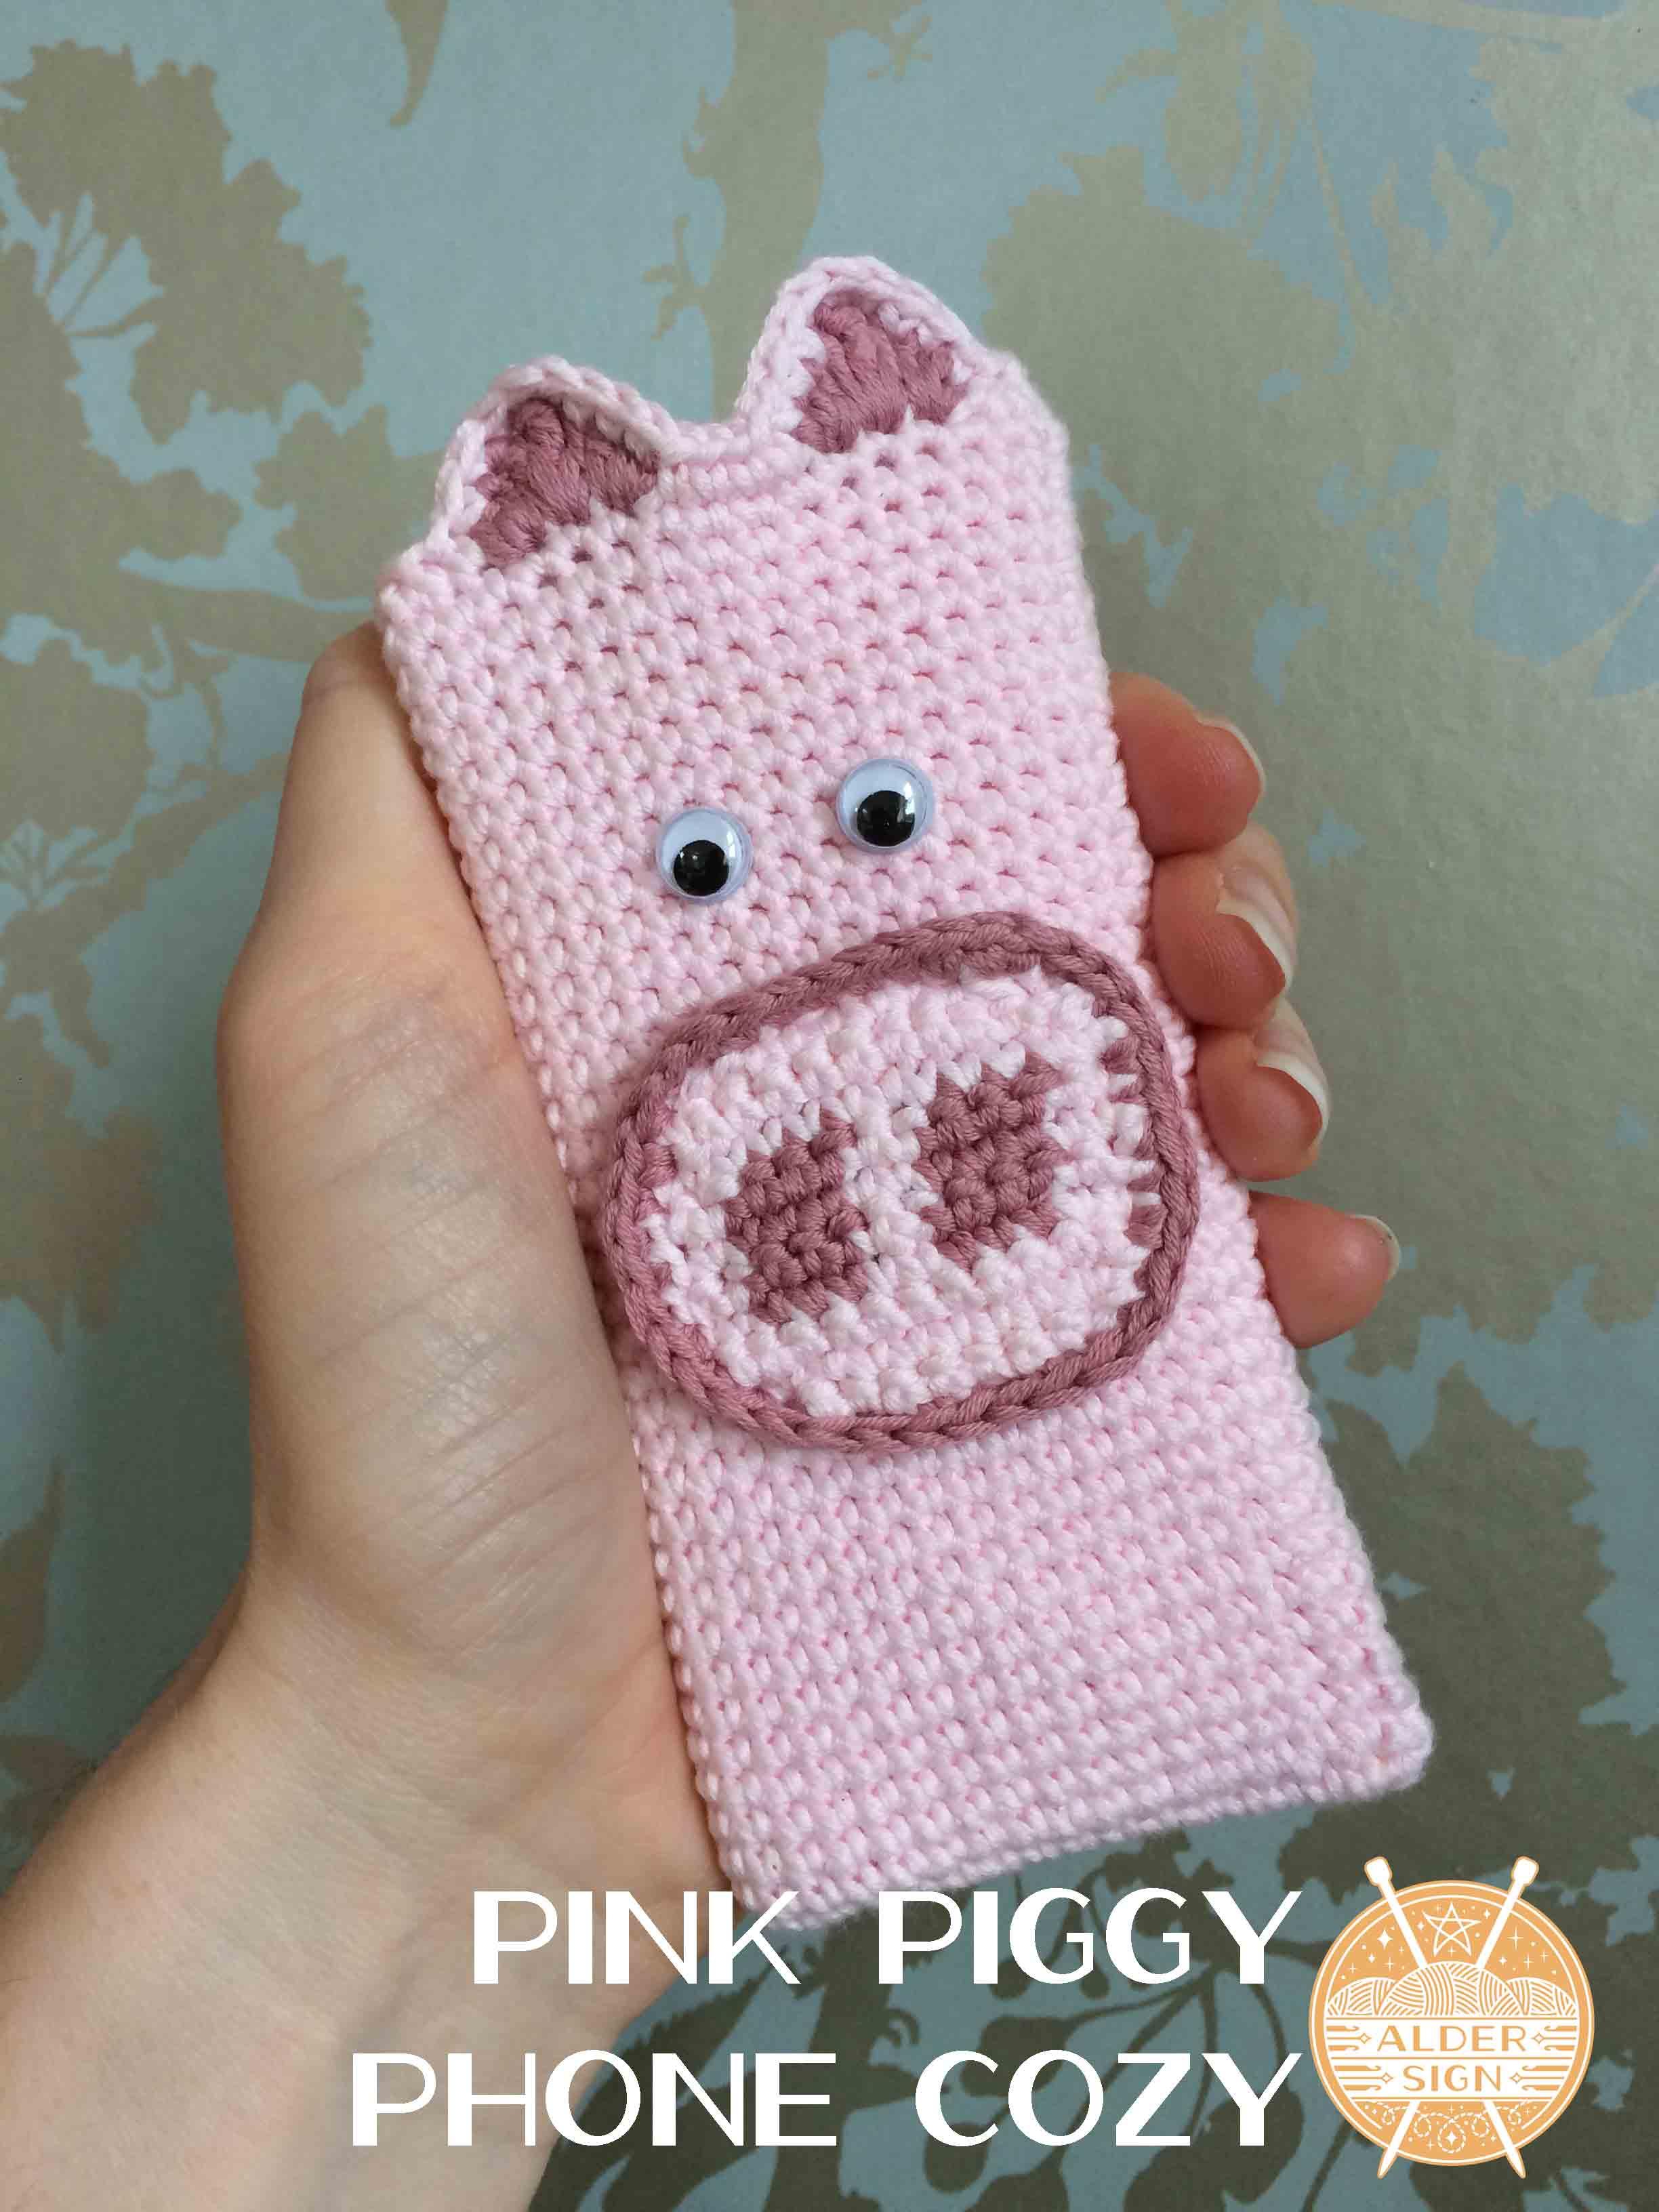 Pink-Piggy-logo-2.jpg